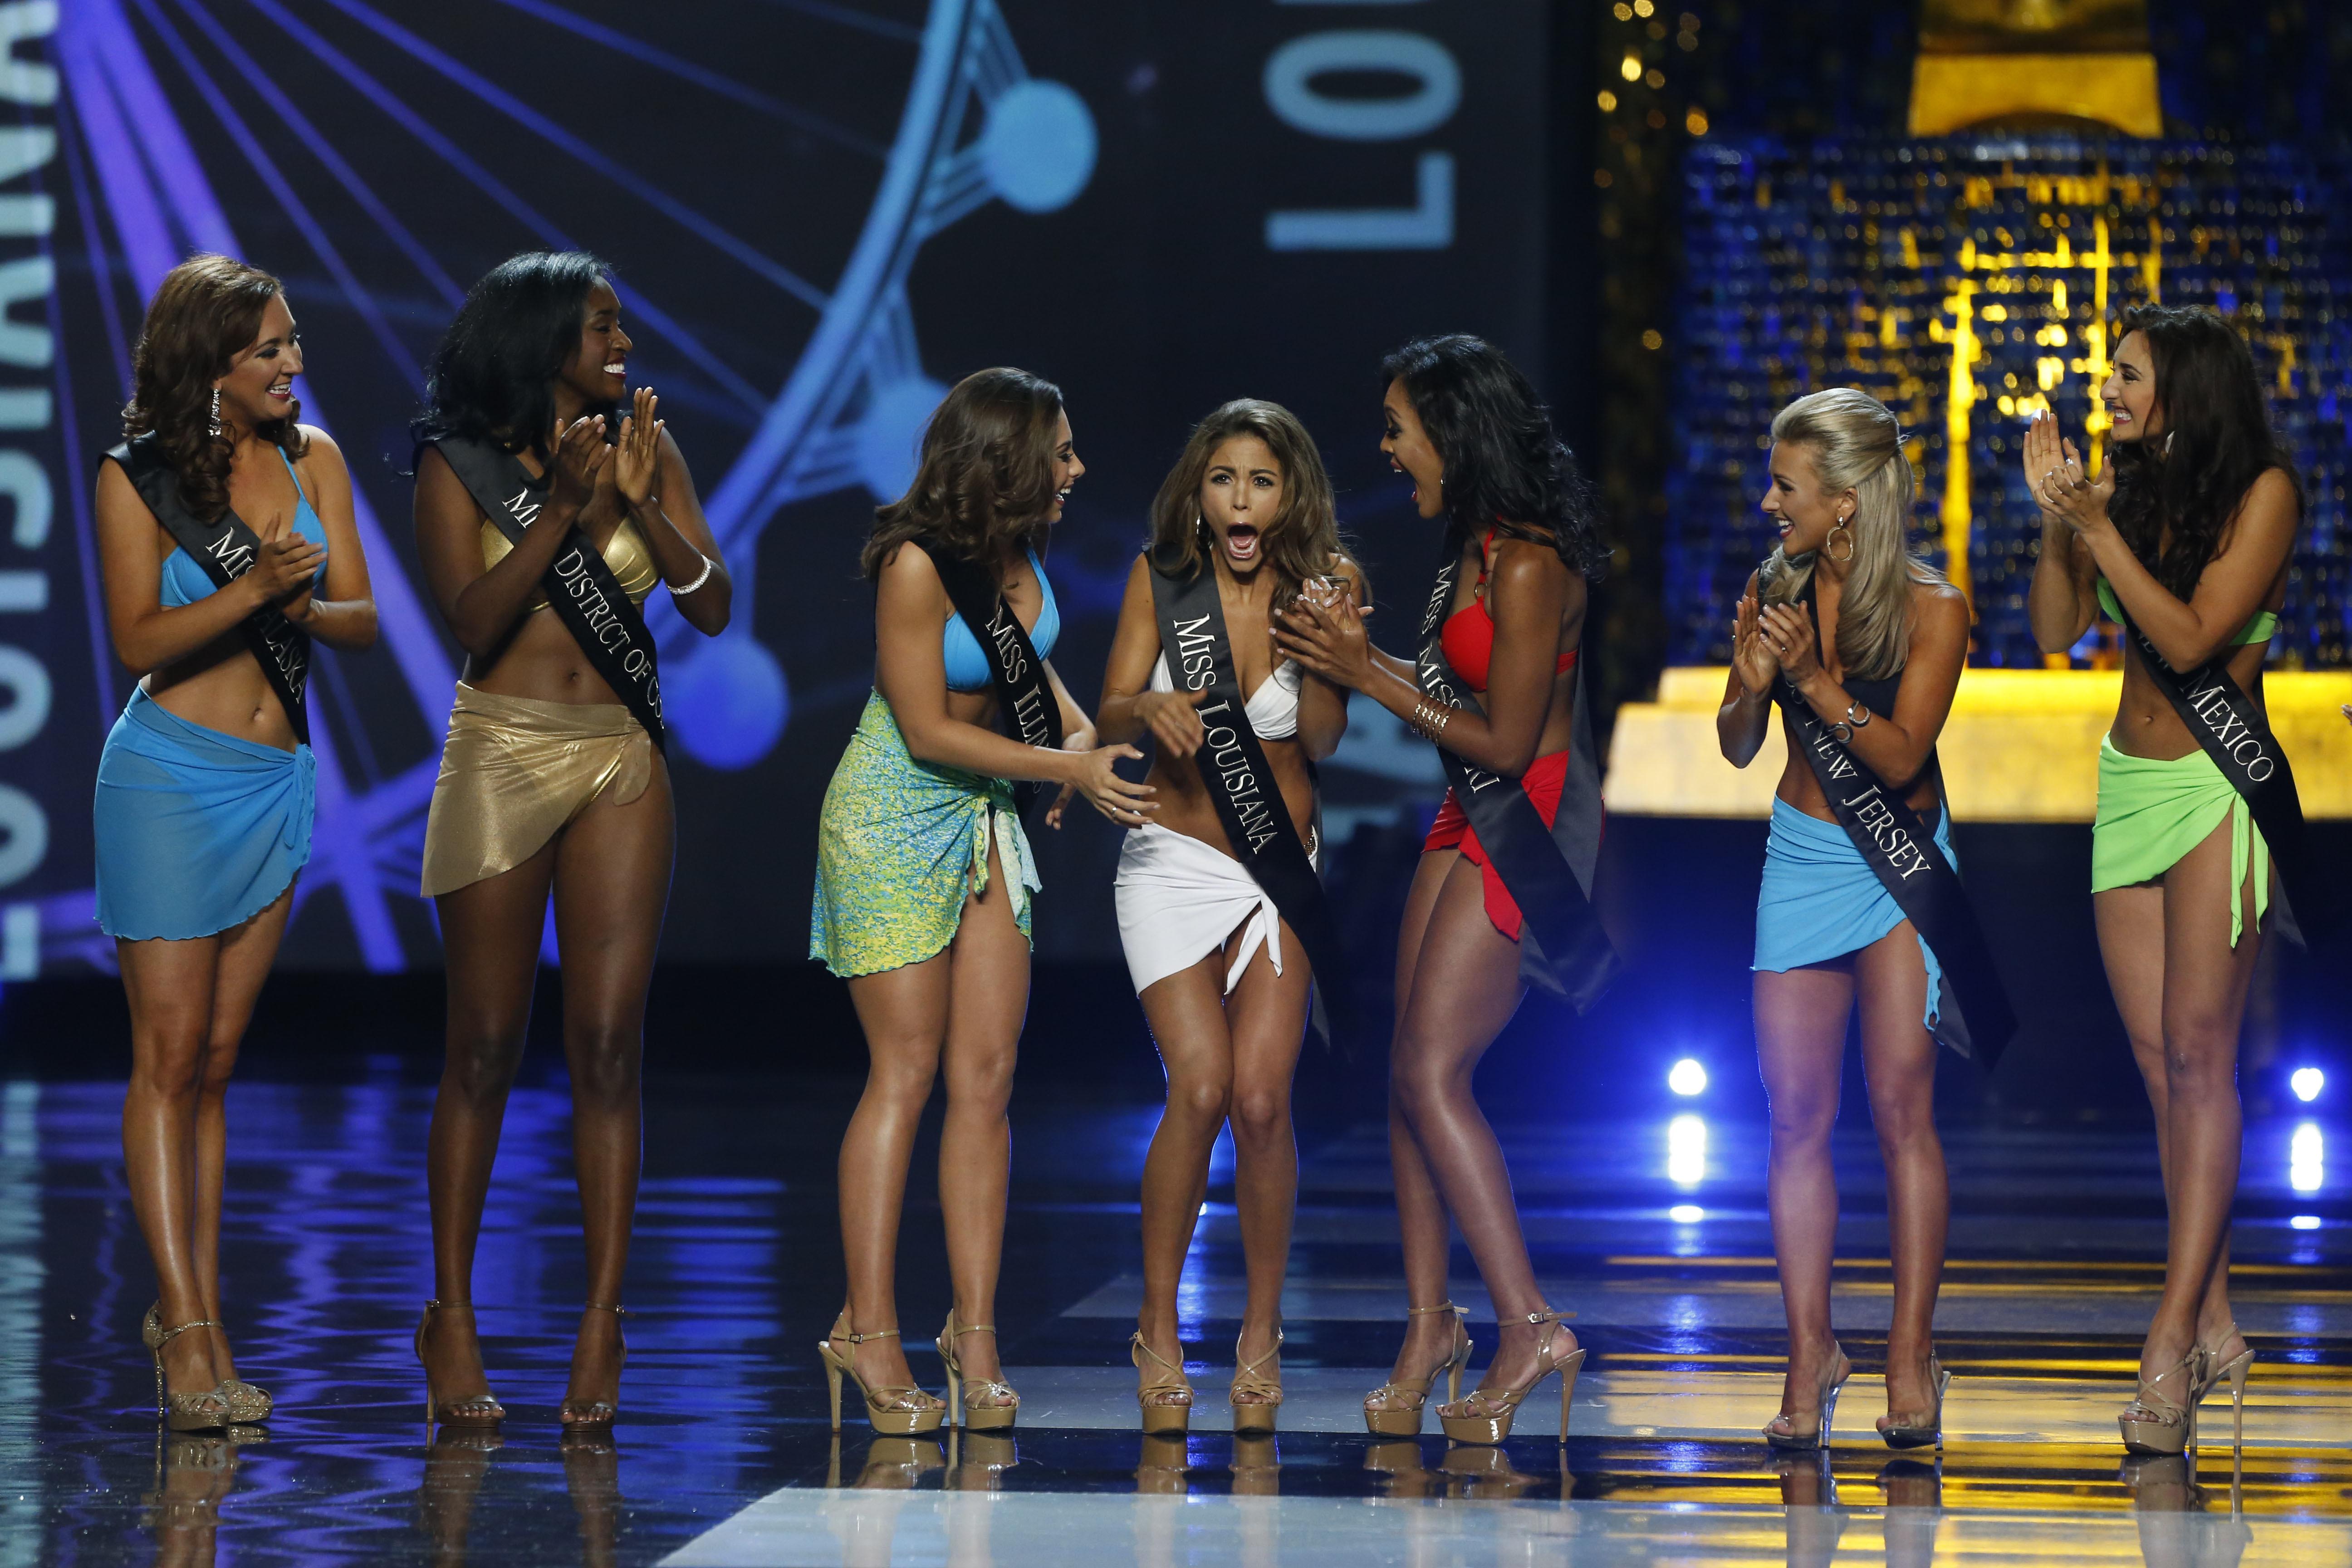 Nem lesz többé bikinis felvonulás a Miss America szépségversenyen